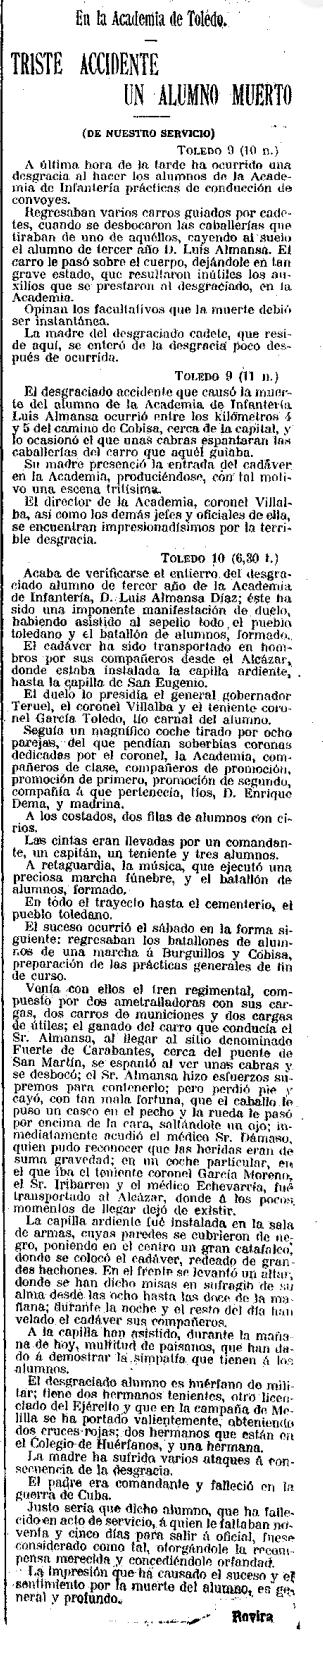 Noticia de la muerte del cadete Luis Almansa. La Correspondencia Militar 11 de abril 1910